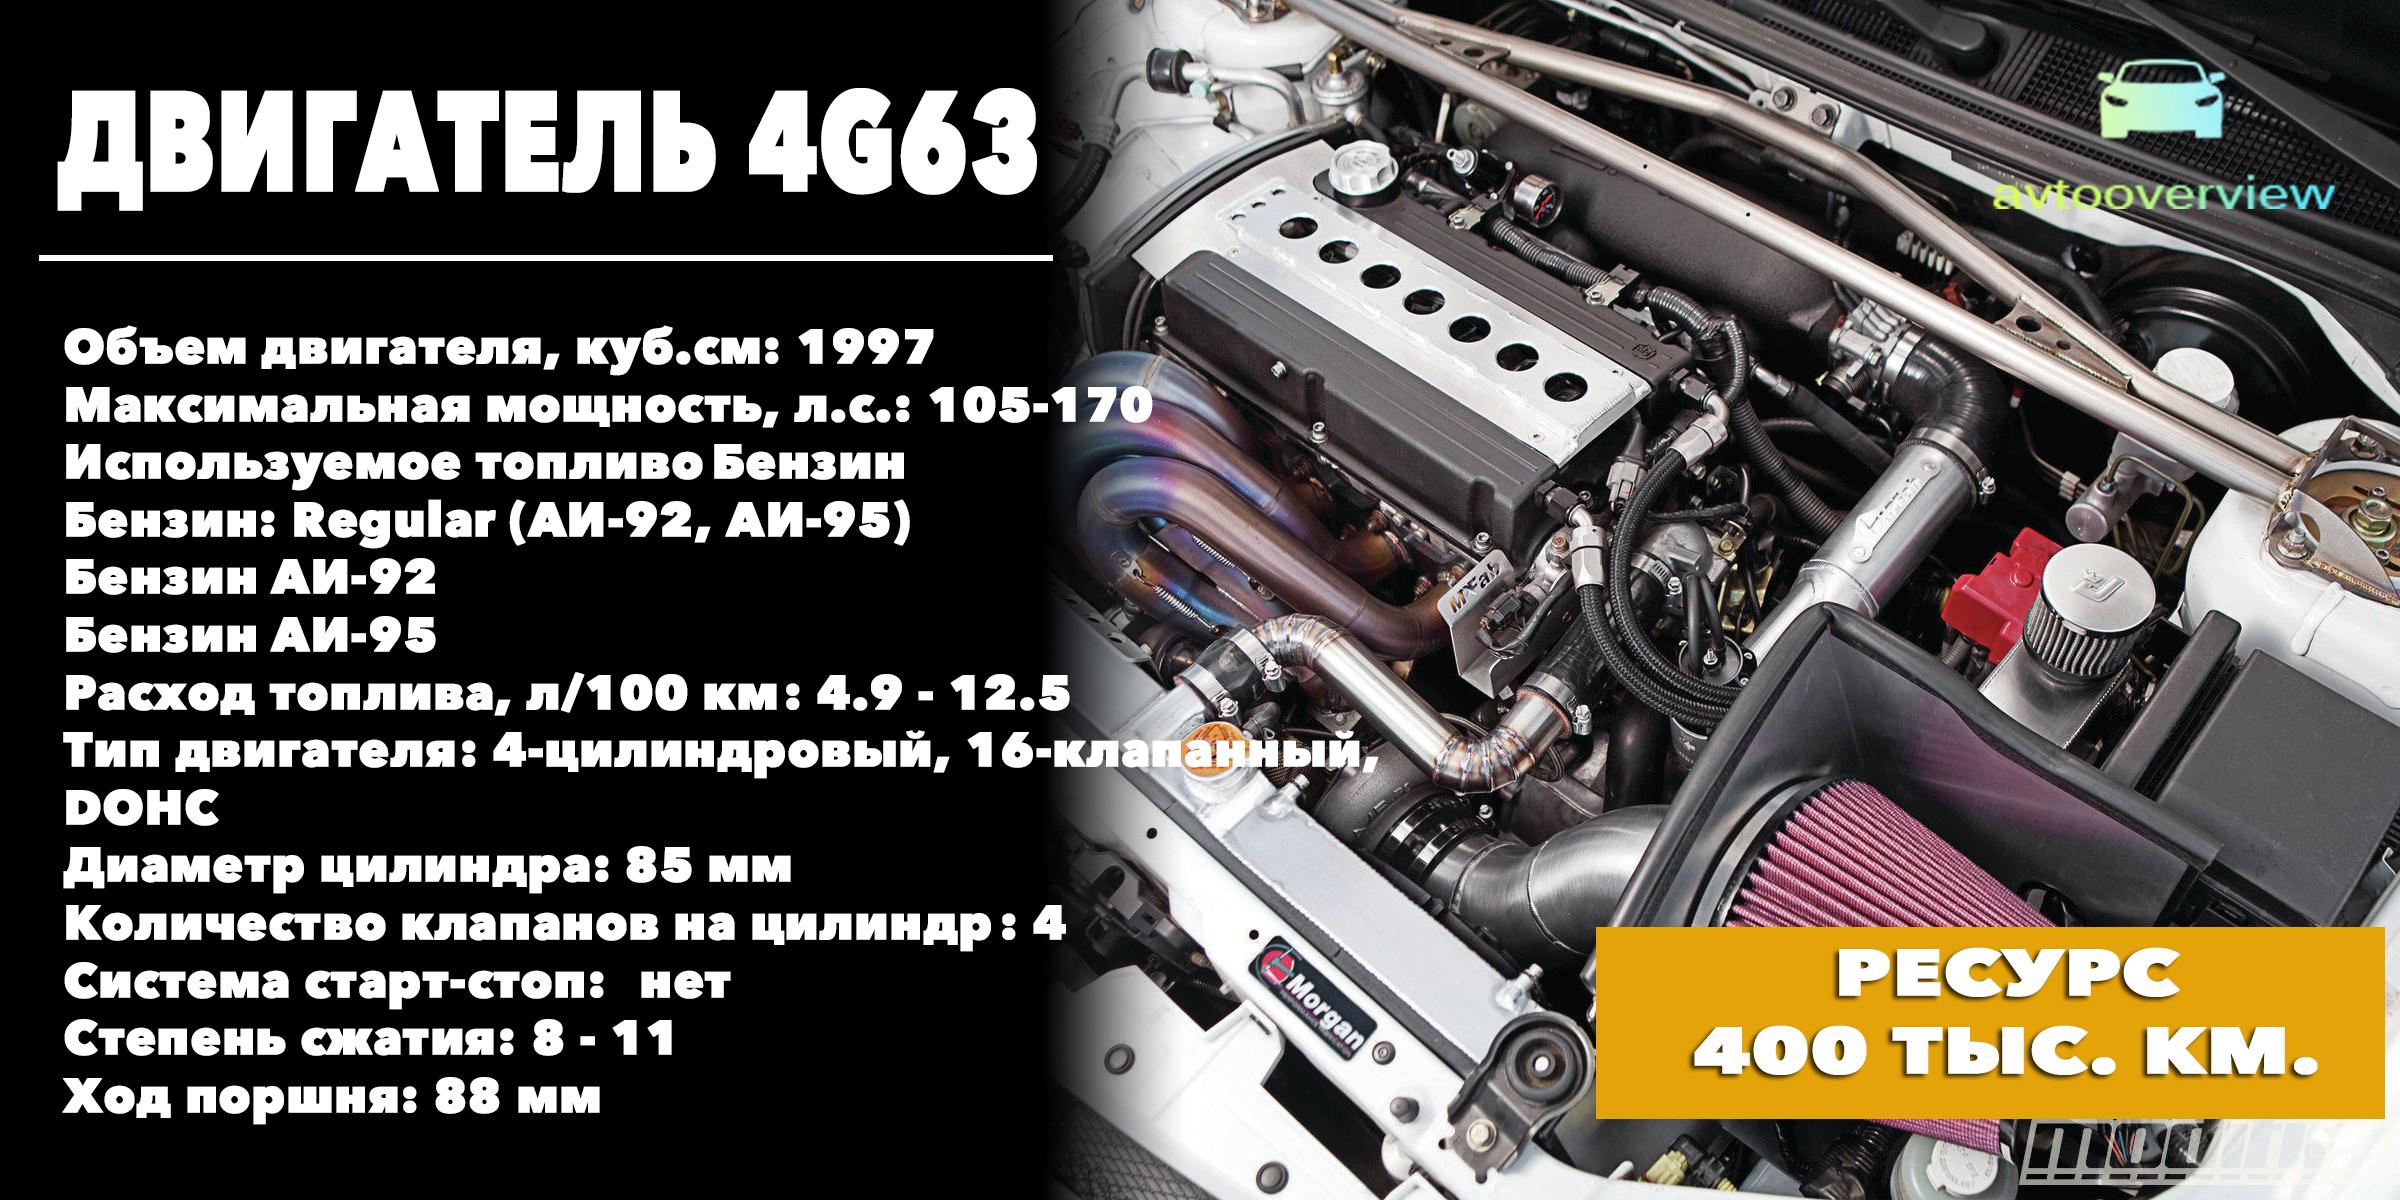 2.0-литровый 4G63: характеристики